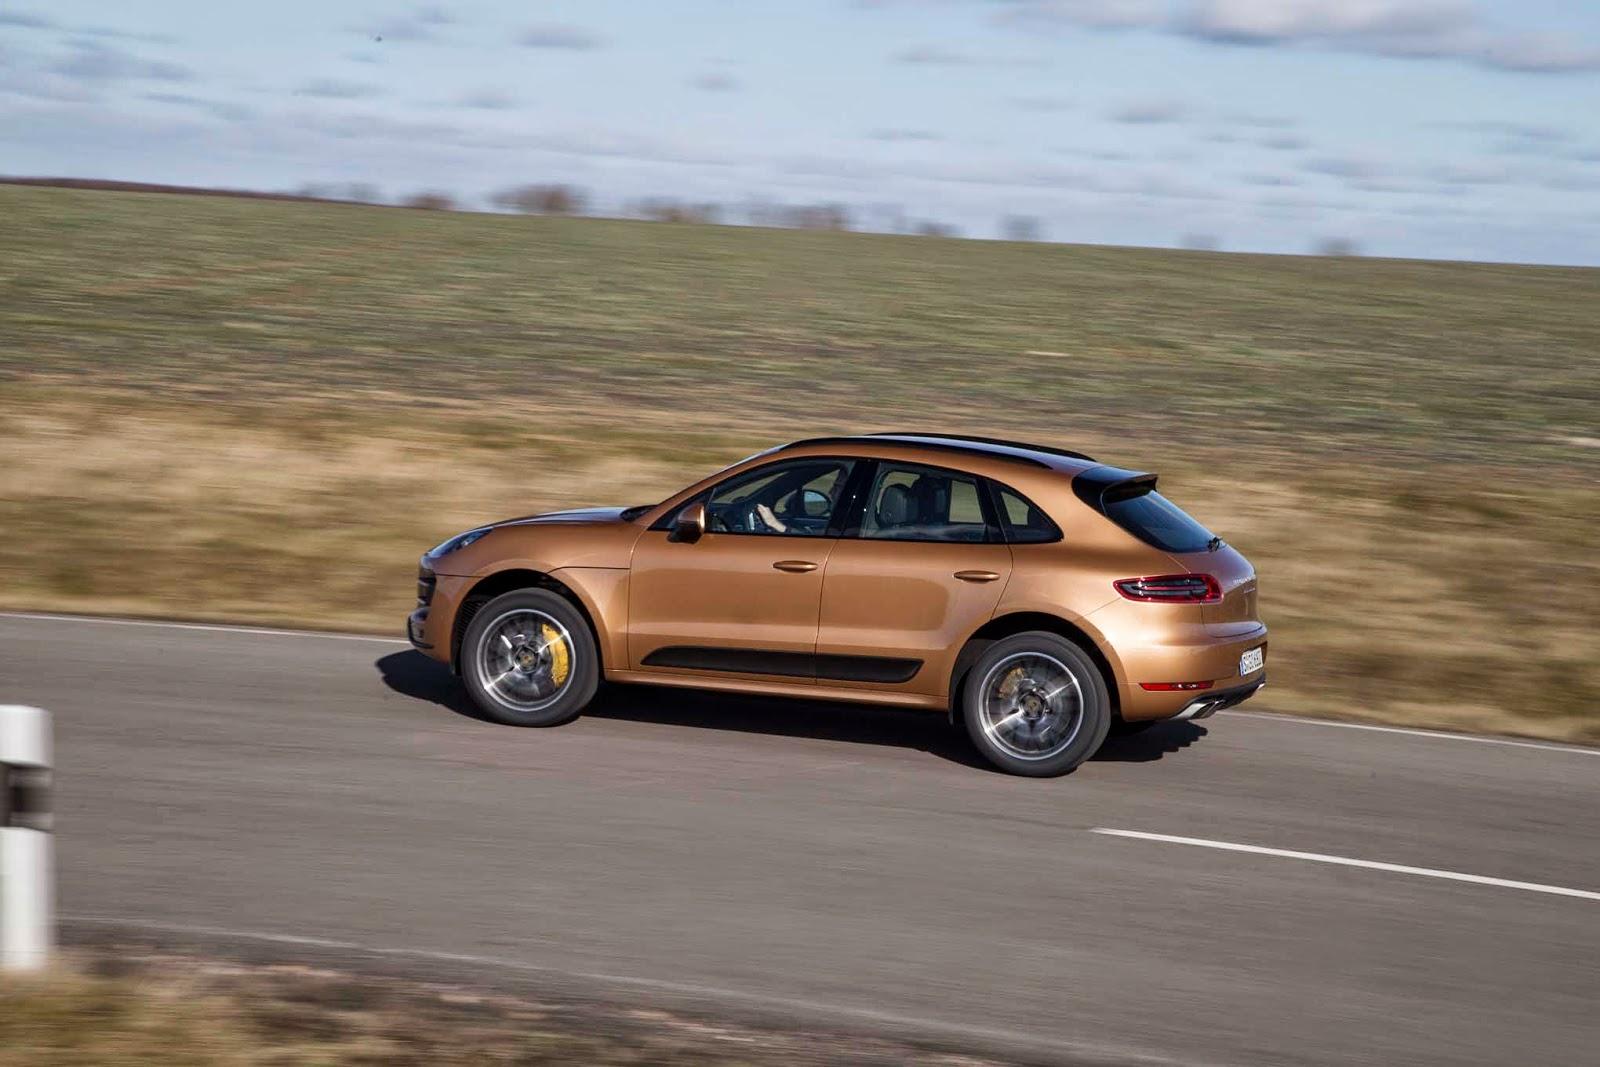 Porsche Macan Turbo Image